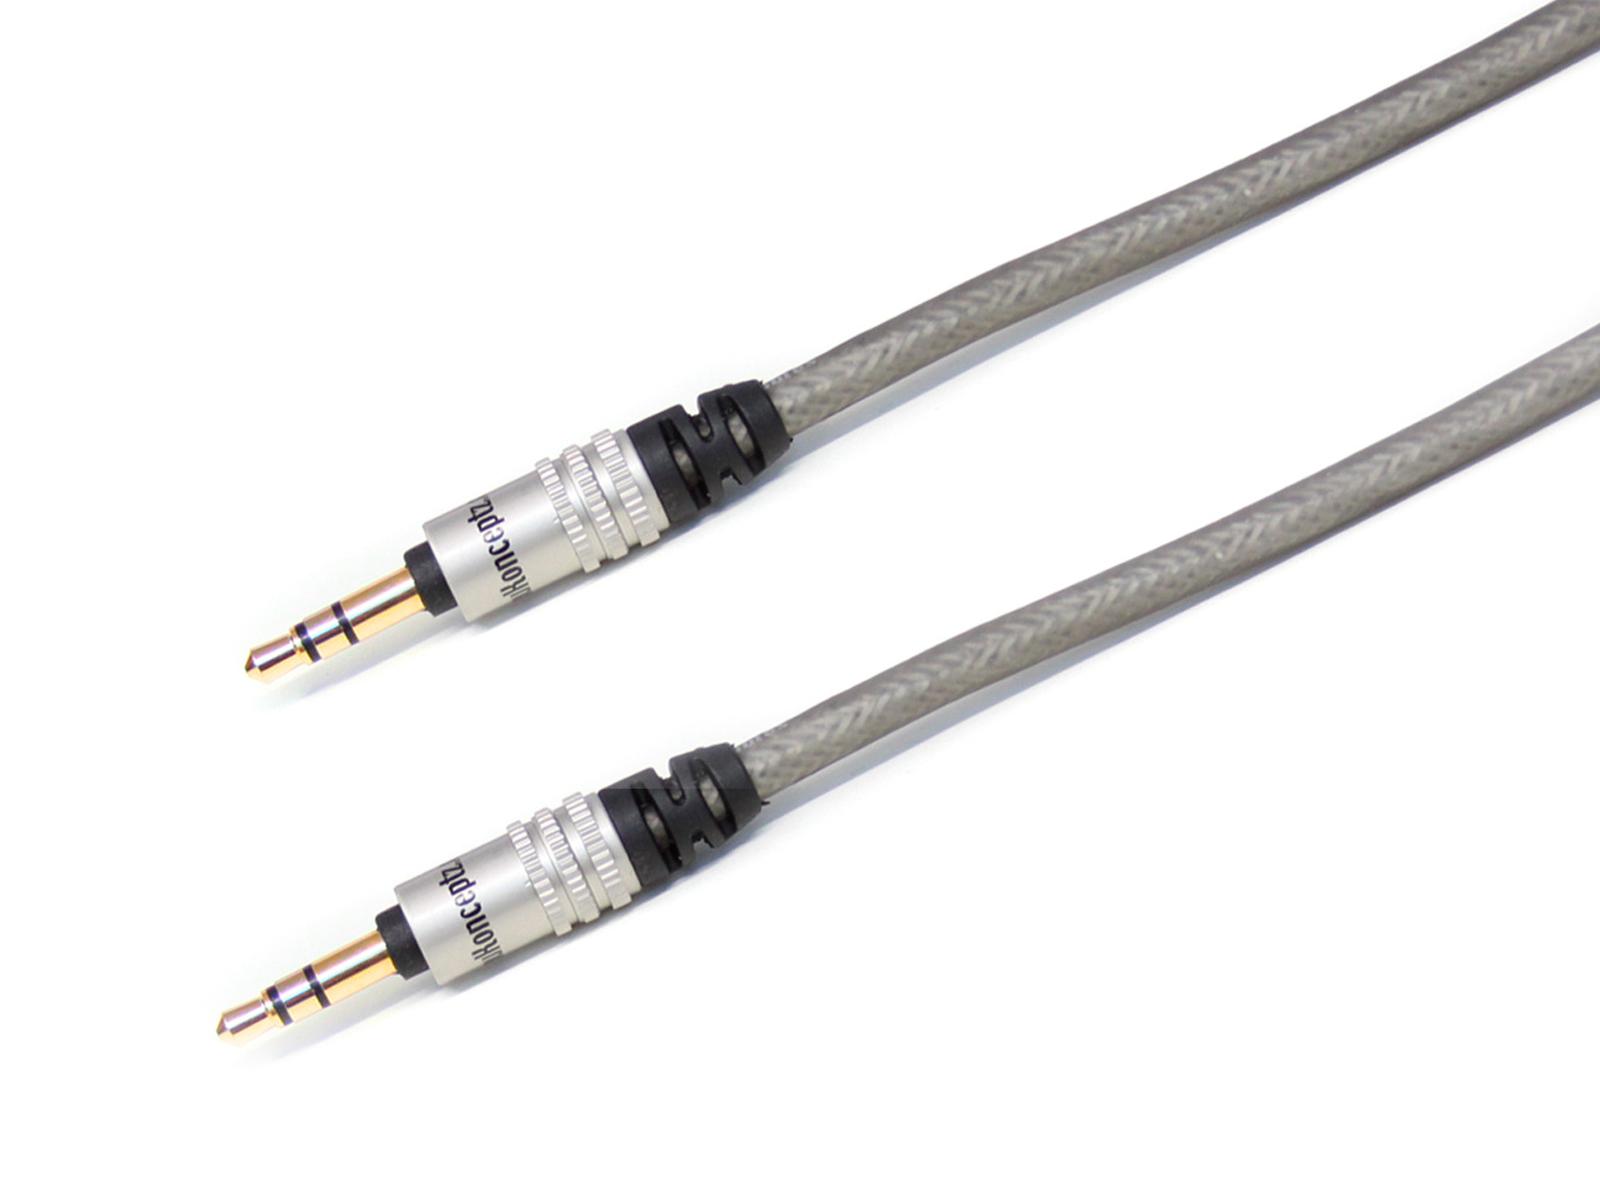 Knukonceptz Krystal 3 5mm 1 8 To 3 5mm 1 8 Headphone